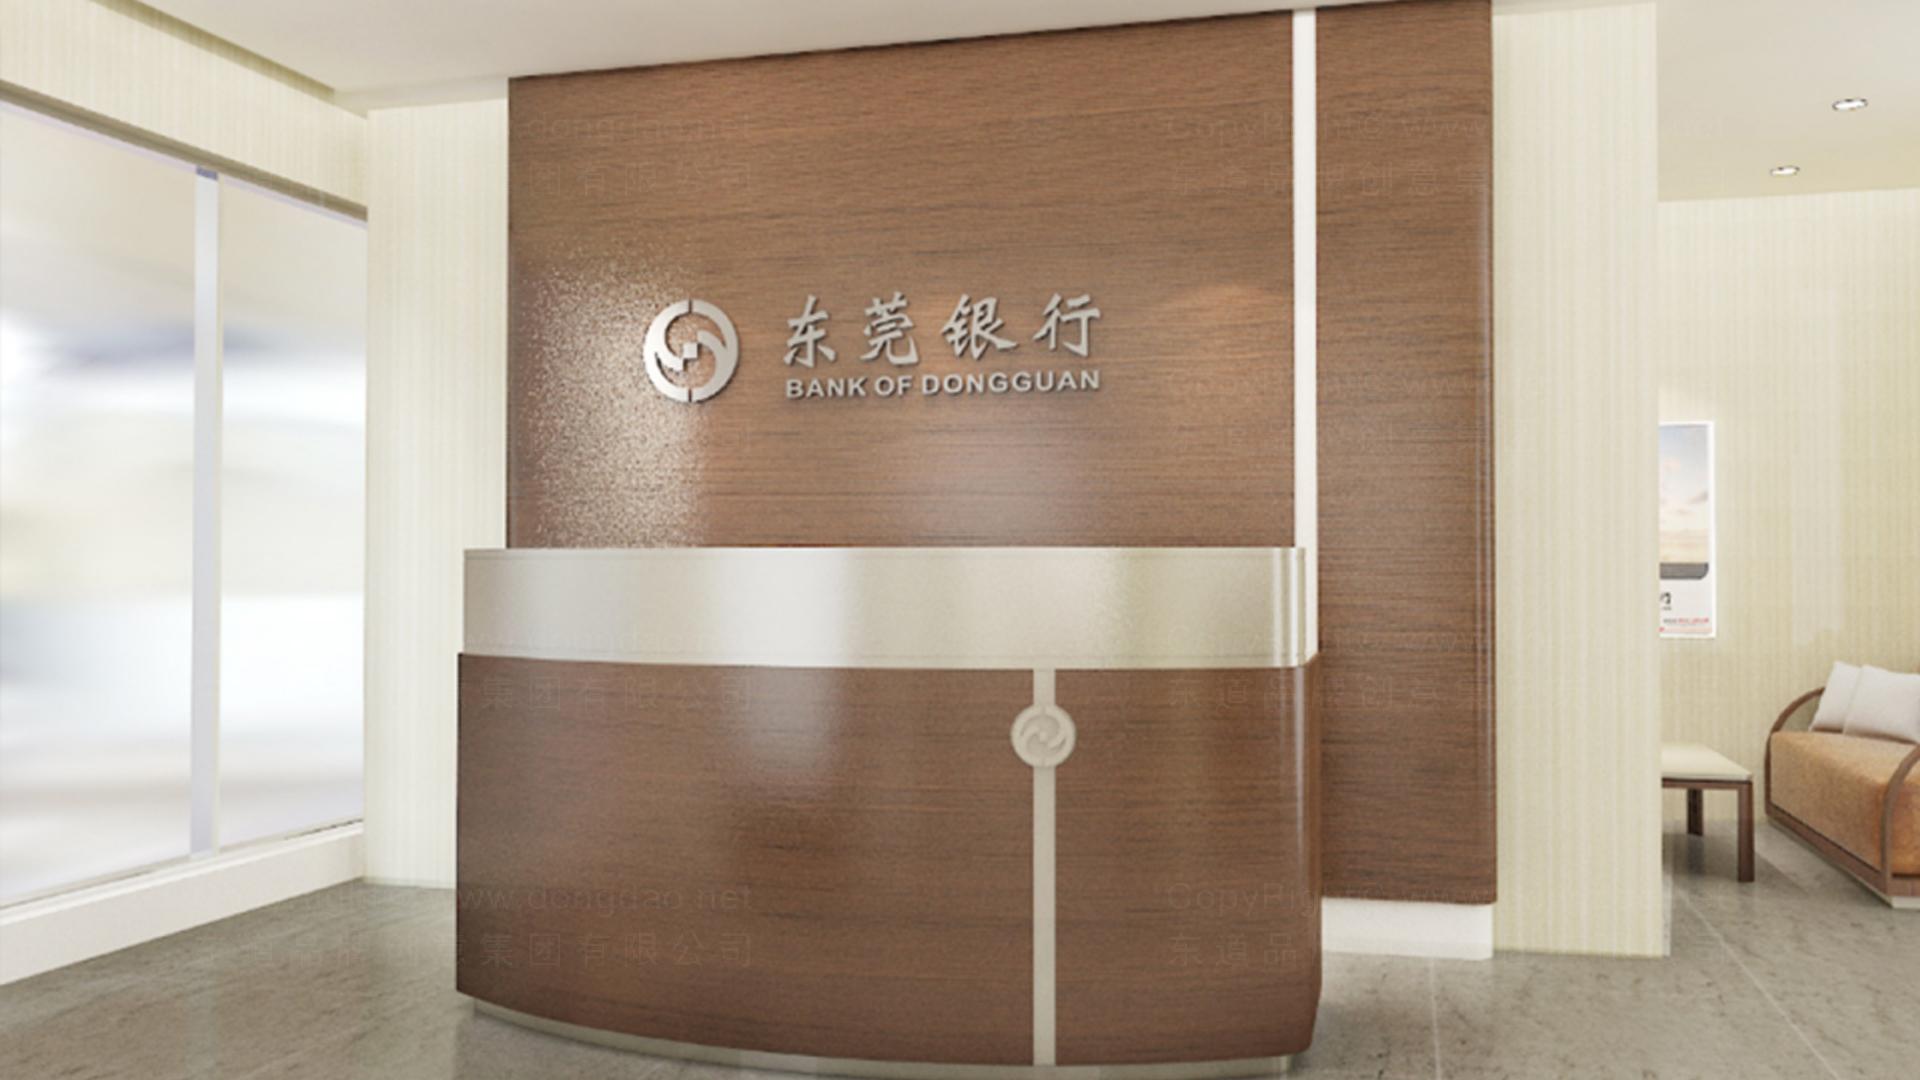 商业空间&导示东莞银行自助网点SI设计应用场景_1